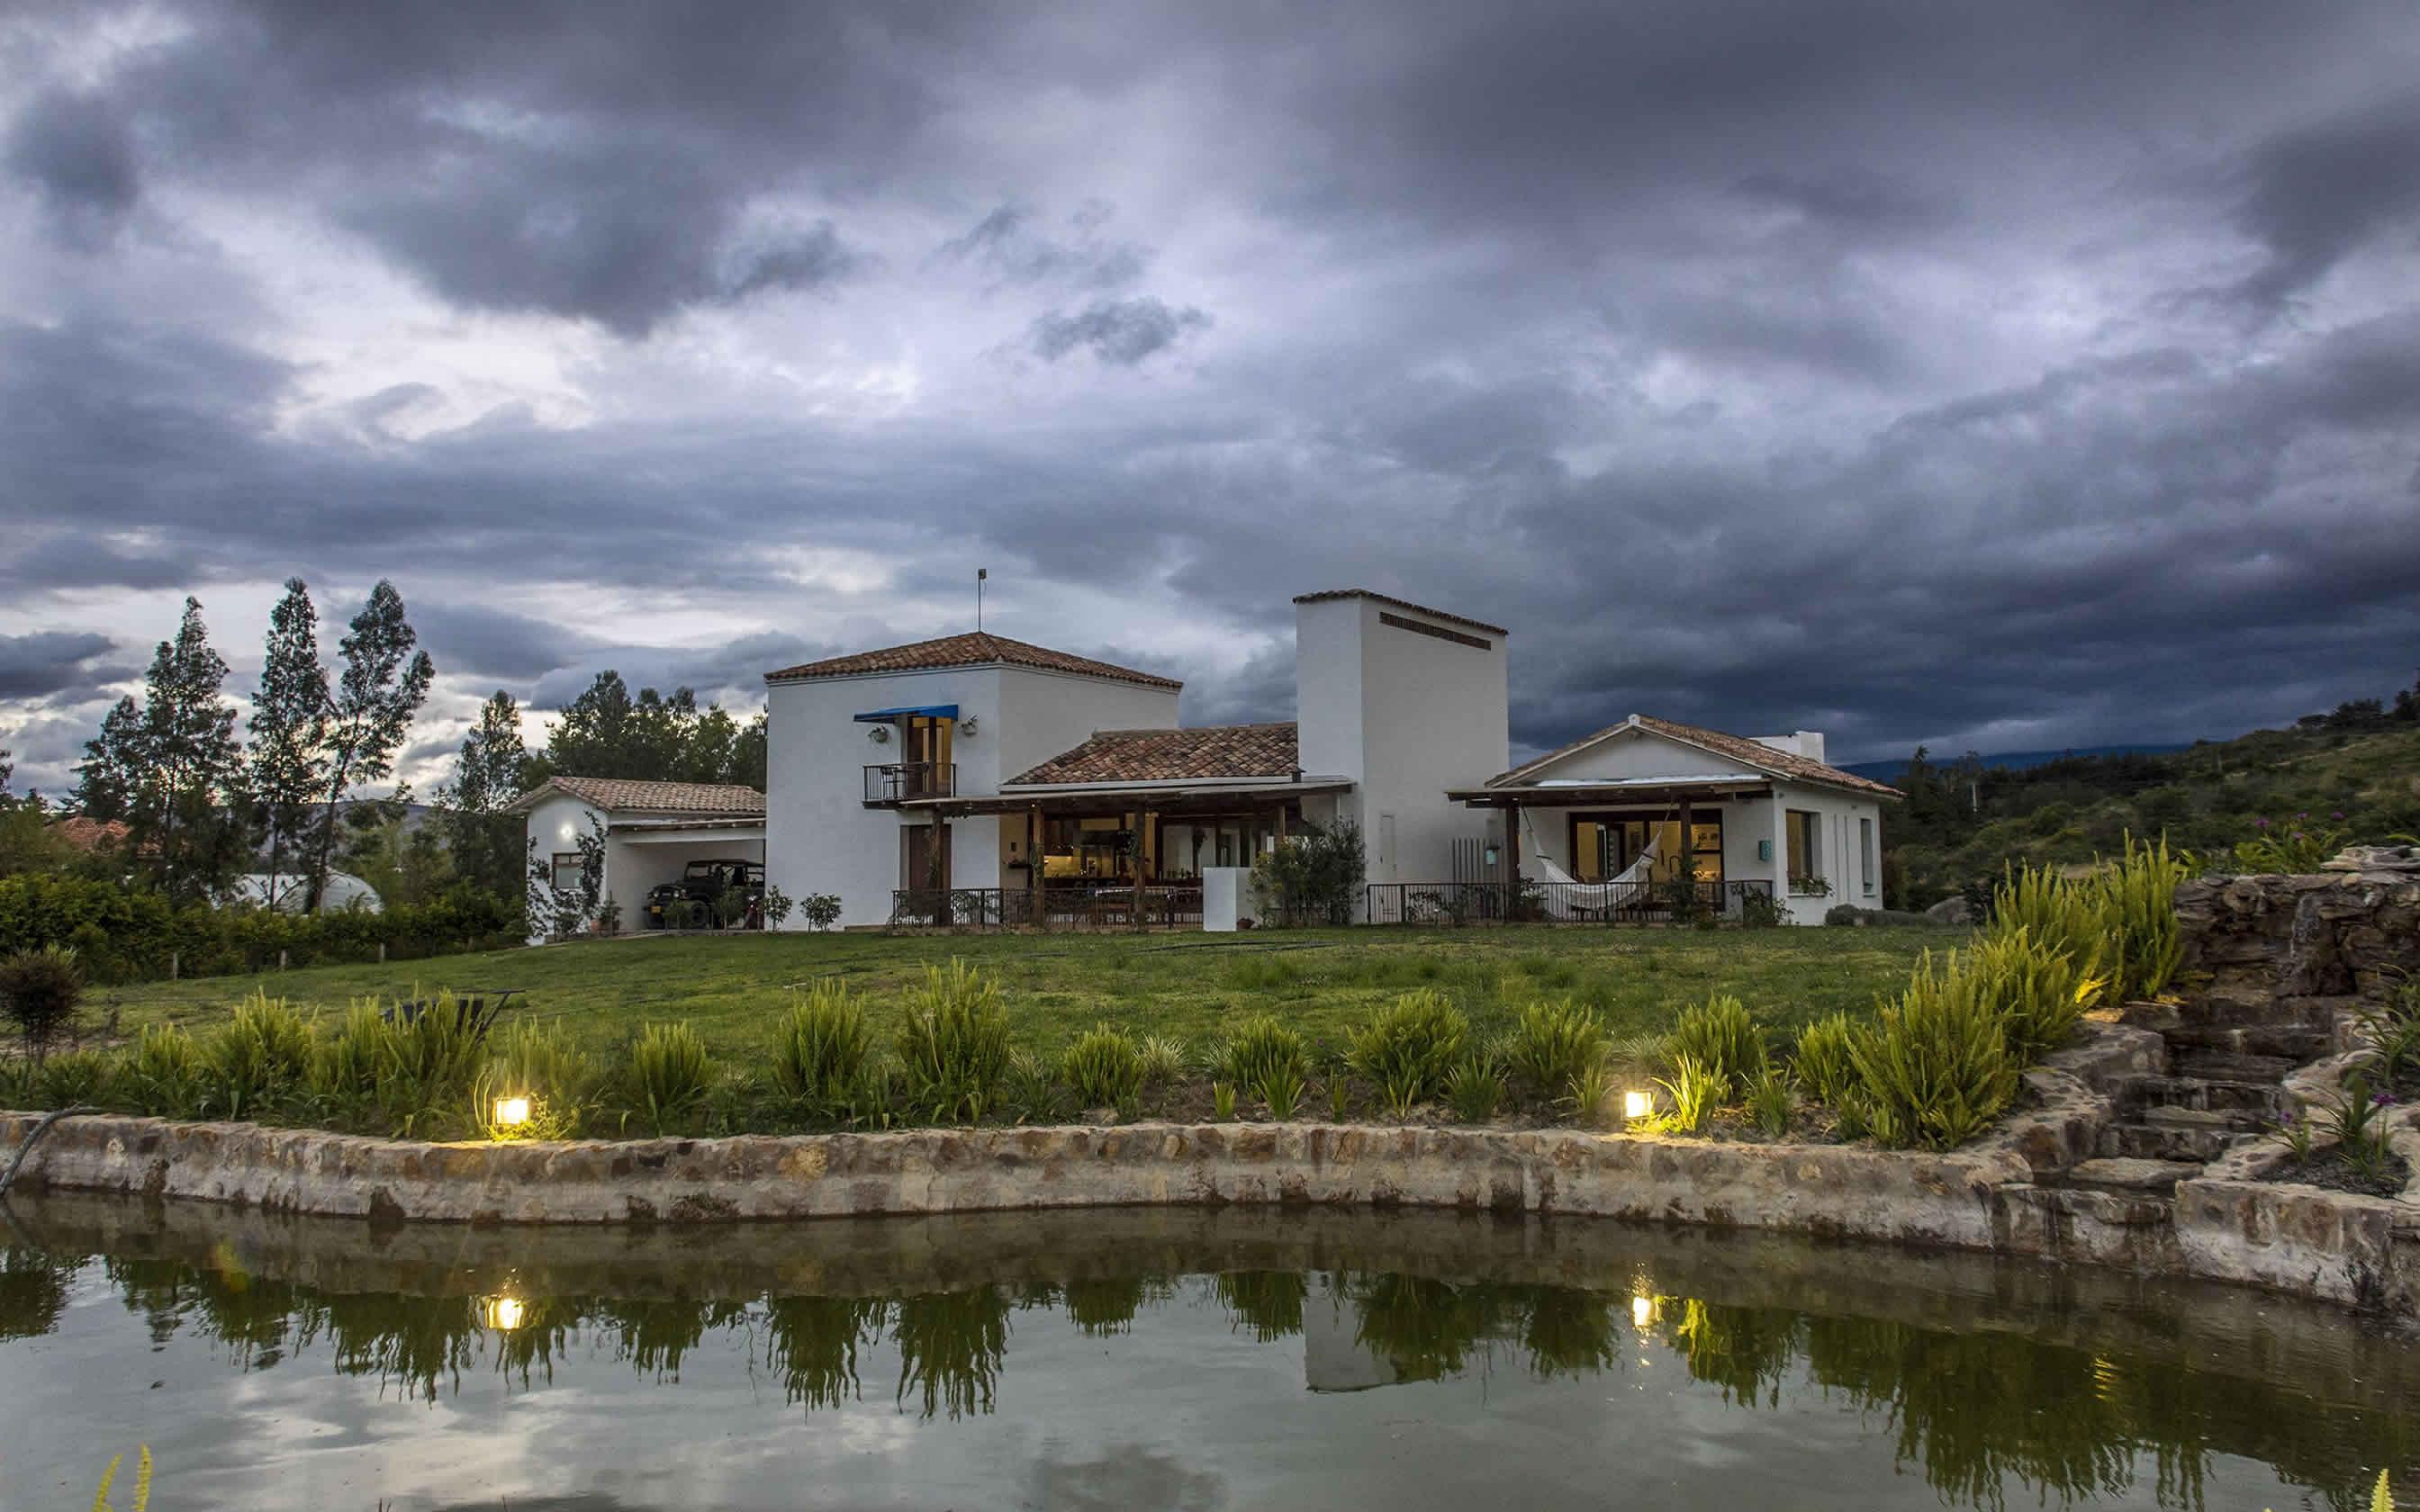 Casa jardín de ángeles - arquitecto Pedro Carvajal en Villa de Leyva